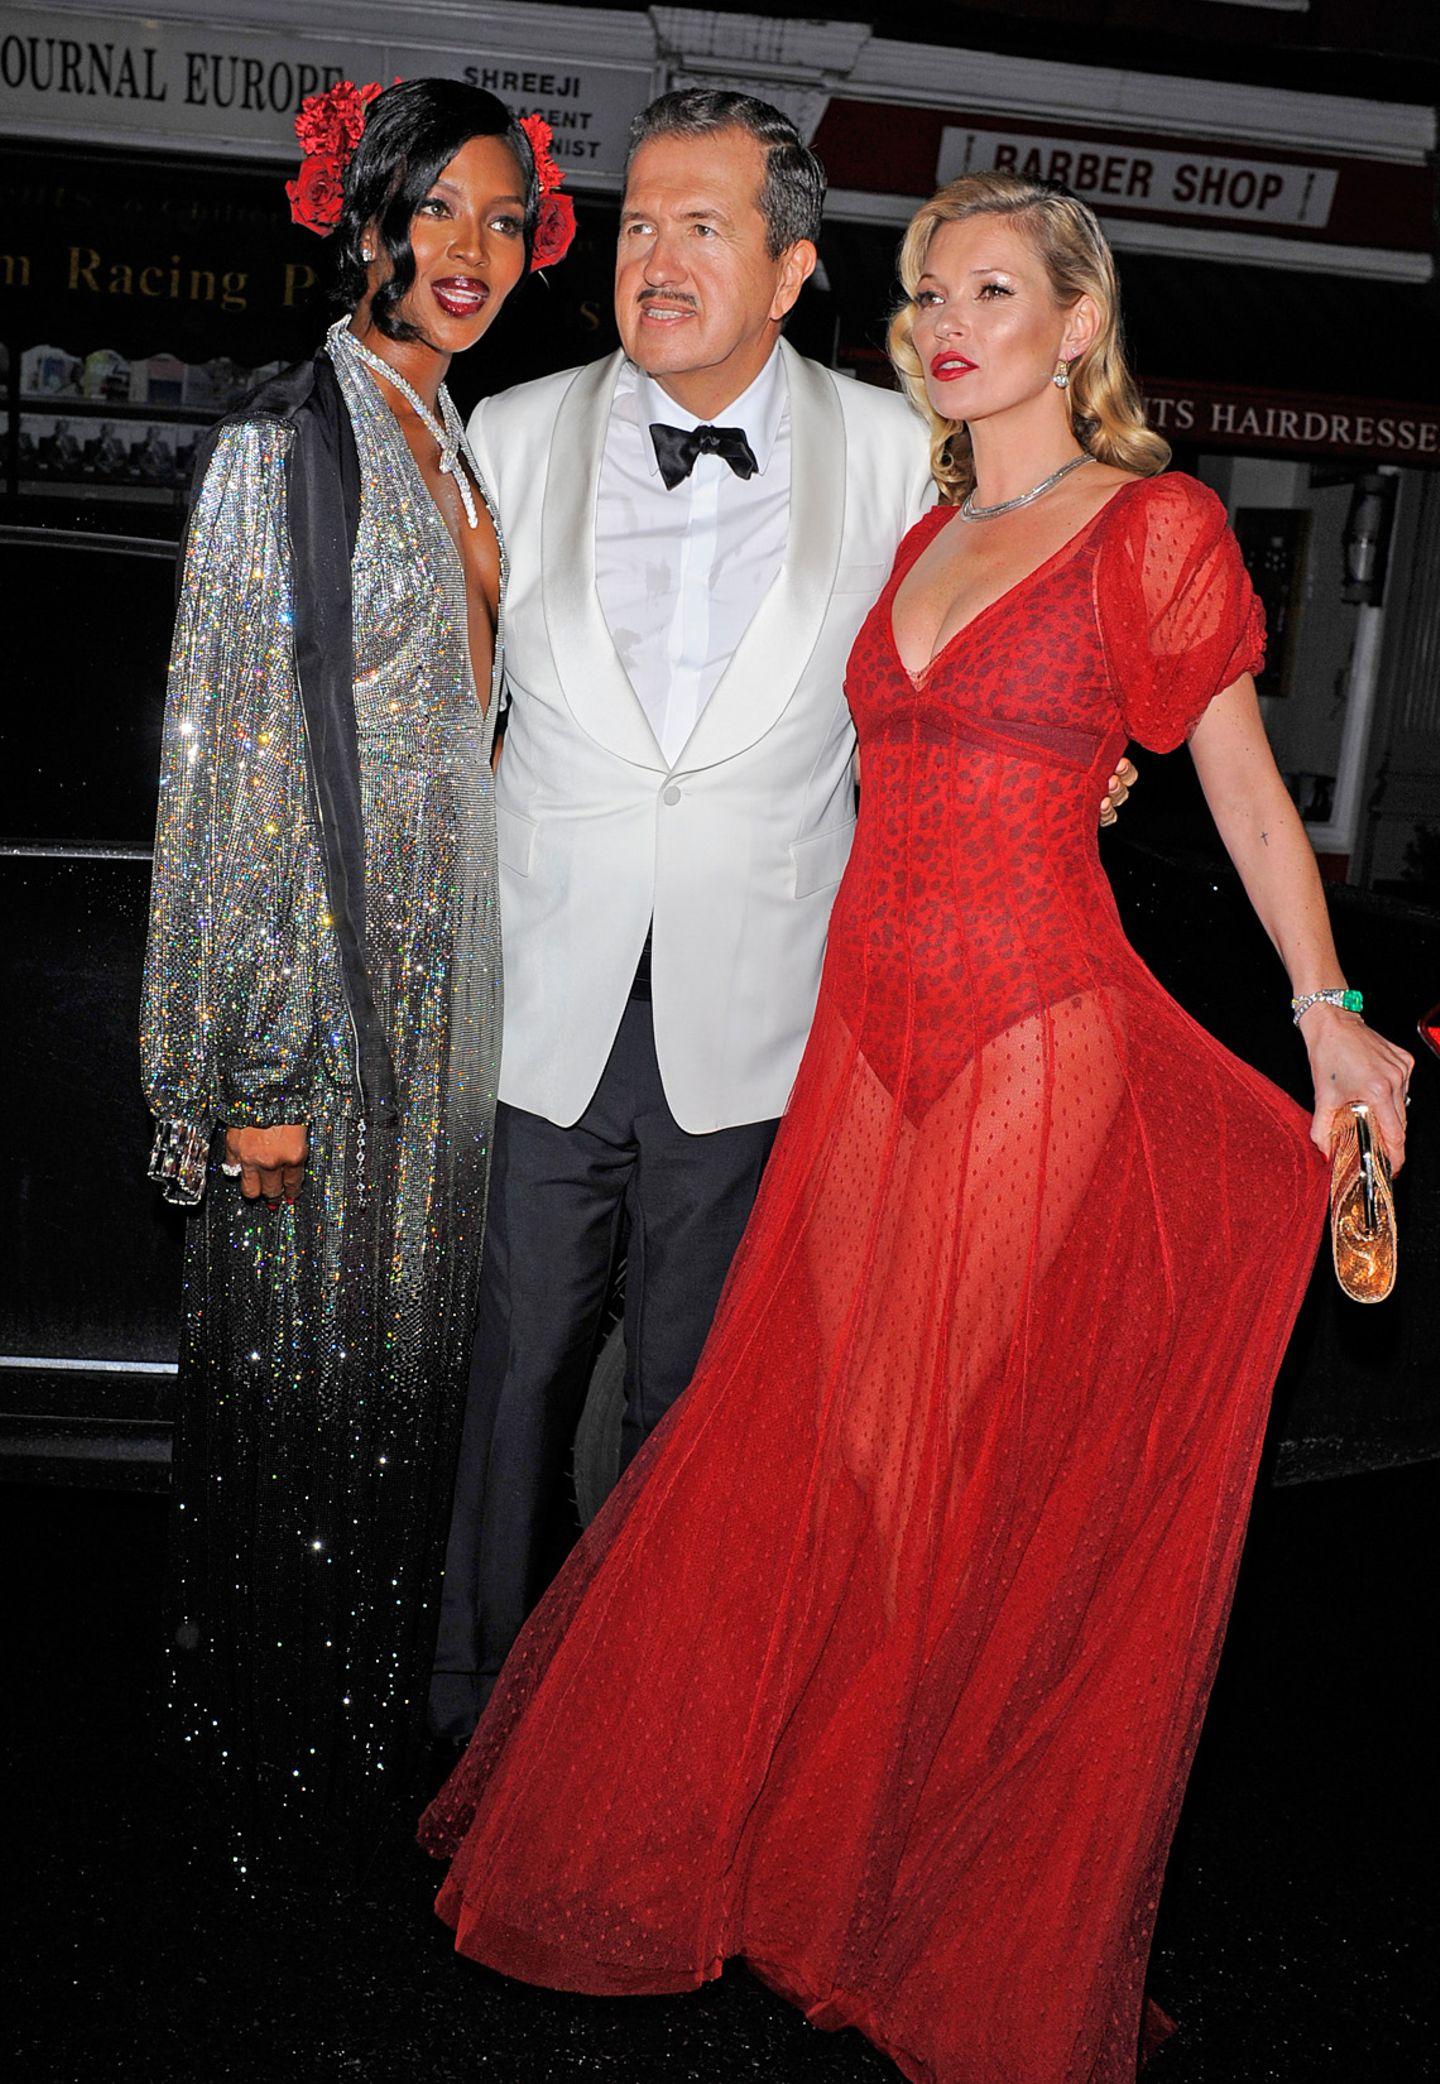 """Das Geburstagskind mit seinen beiden Lieblingsmodels: Naomi Campbell in Glitzer-Robe, Mario """"The Great Gatsby"""" Testino und und eine feurig-transparent gekleidete Kate Moss."""